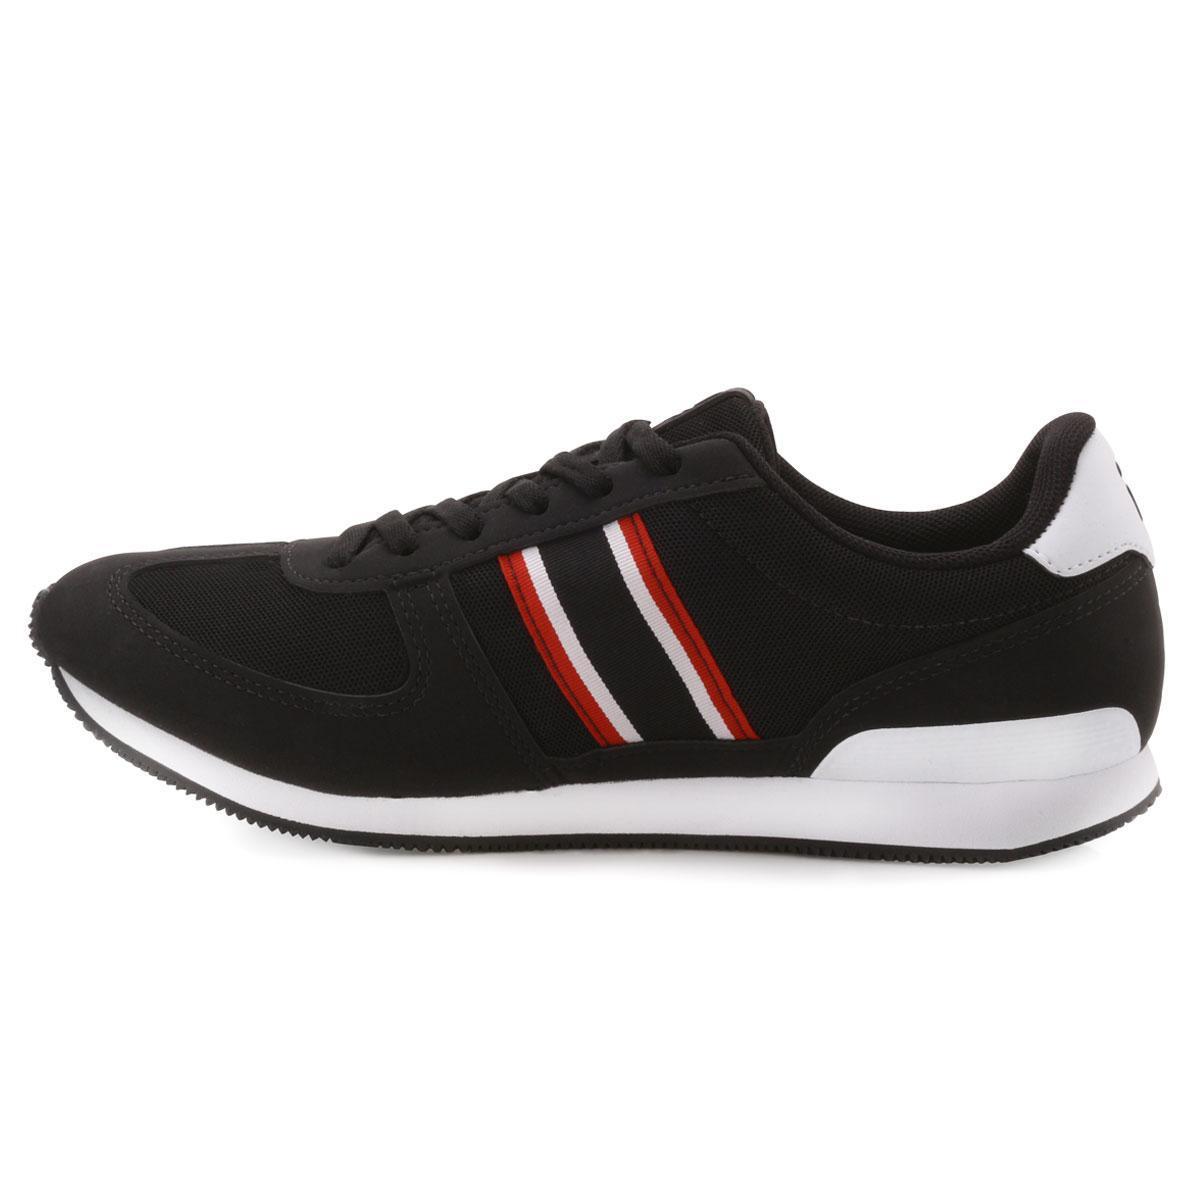 9c8ecd23b7f Tênis Fila Jogging Retro Sport 2.0 FL18 - Tênis para Esportes ...